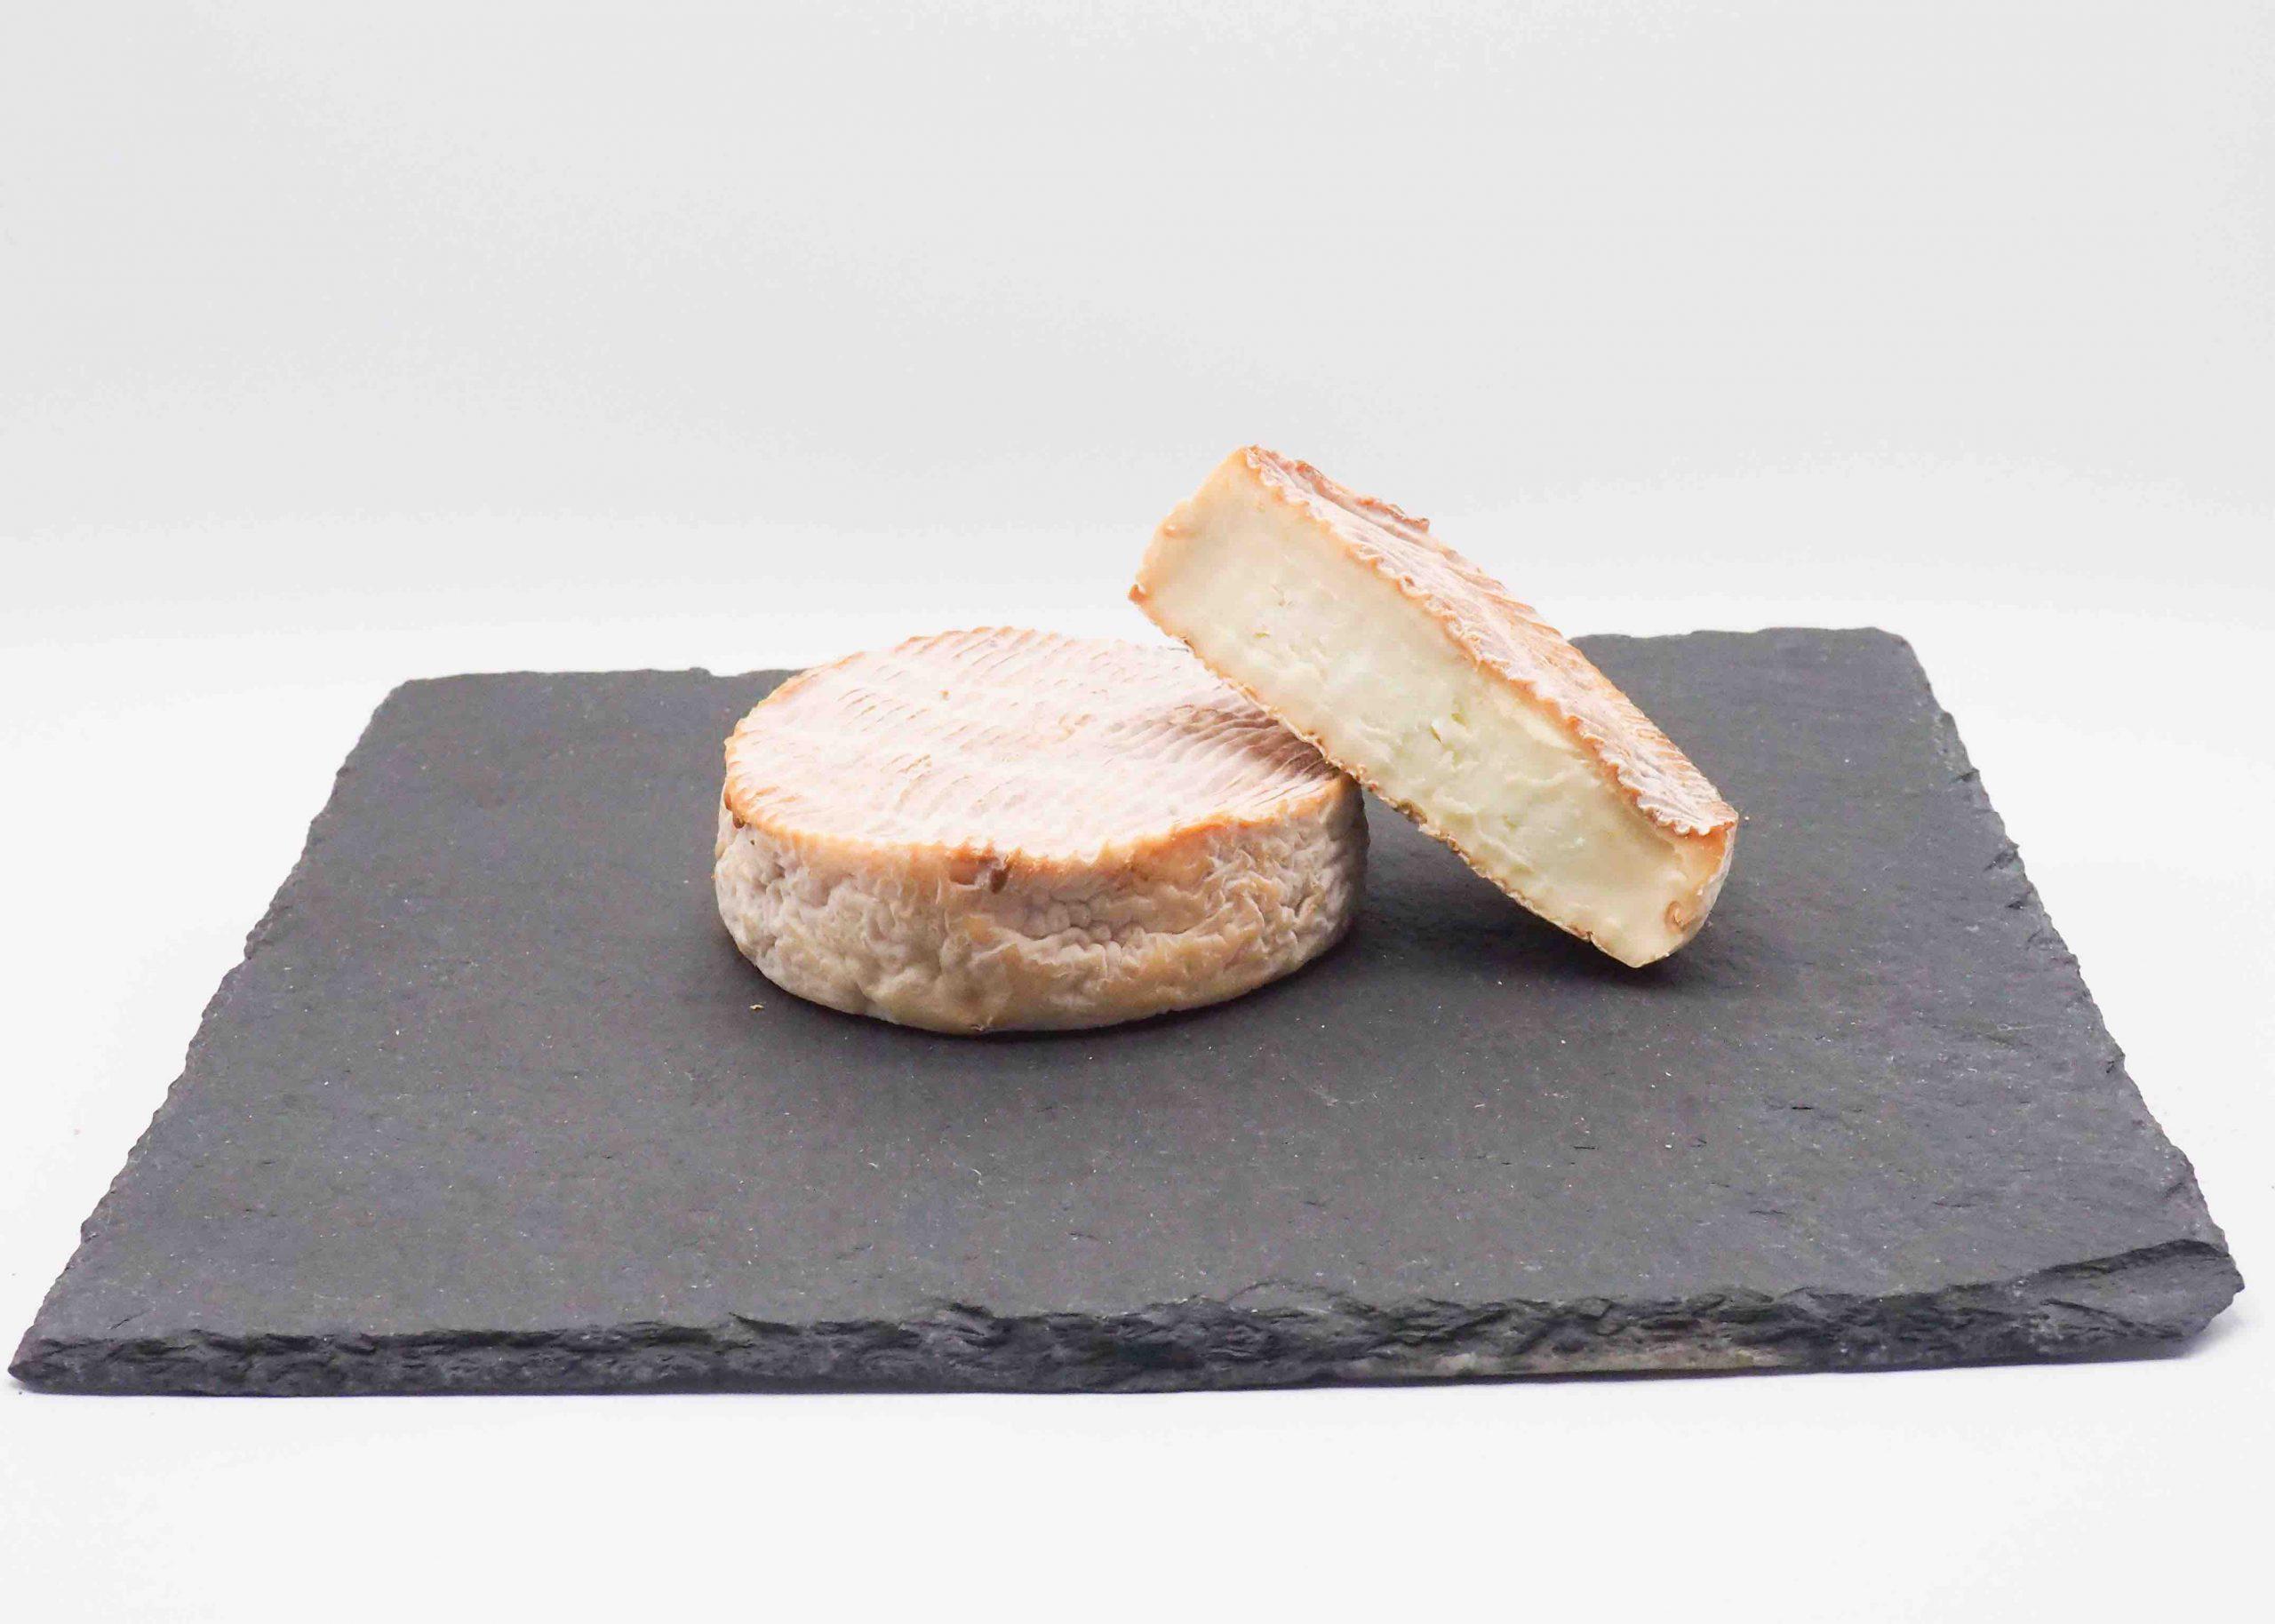 Le Mignon fromage de brebis fin et doux. Vente en ligne et livraison à domicile